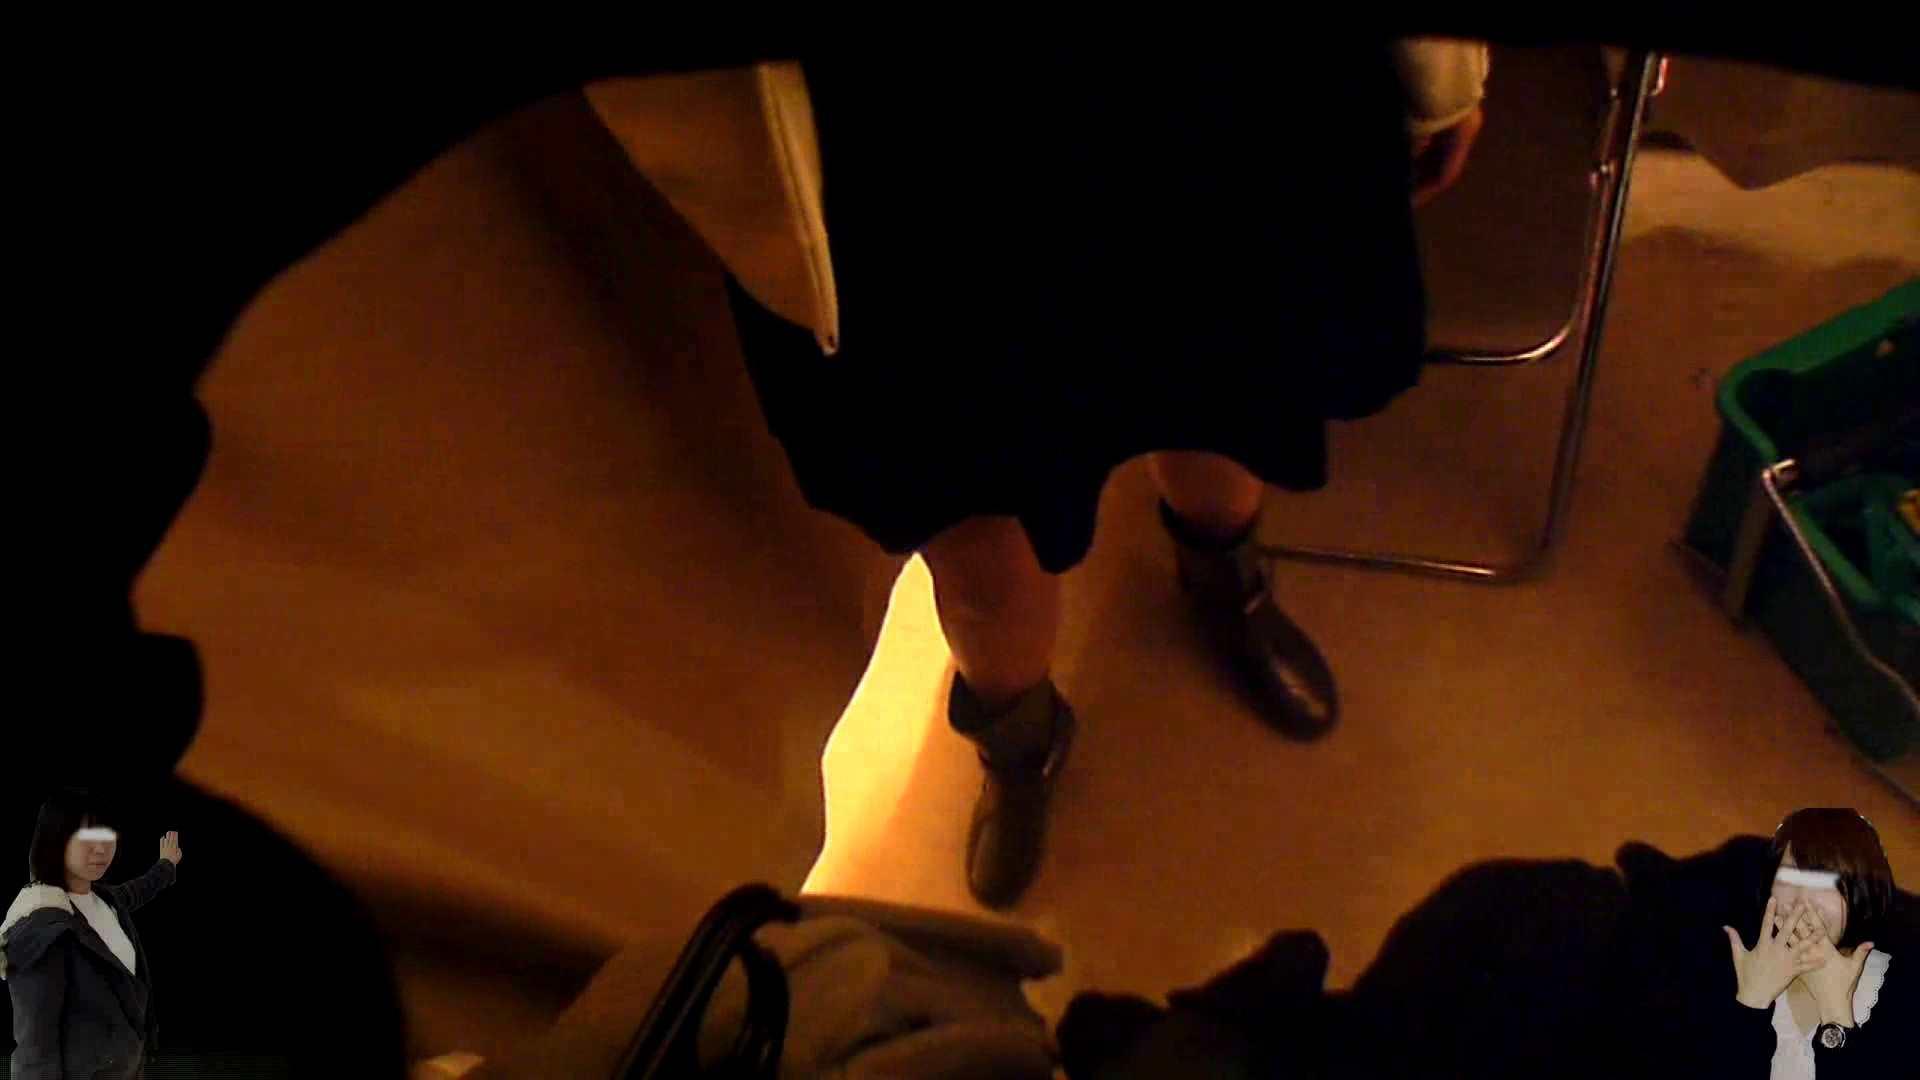 素人投稿 現役「JD」Eちゃんの着替え Vol.05 素人丸裸 おめこ無修正動画無料 78pic 27